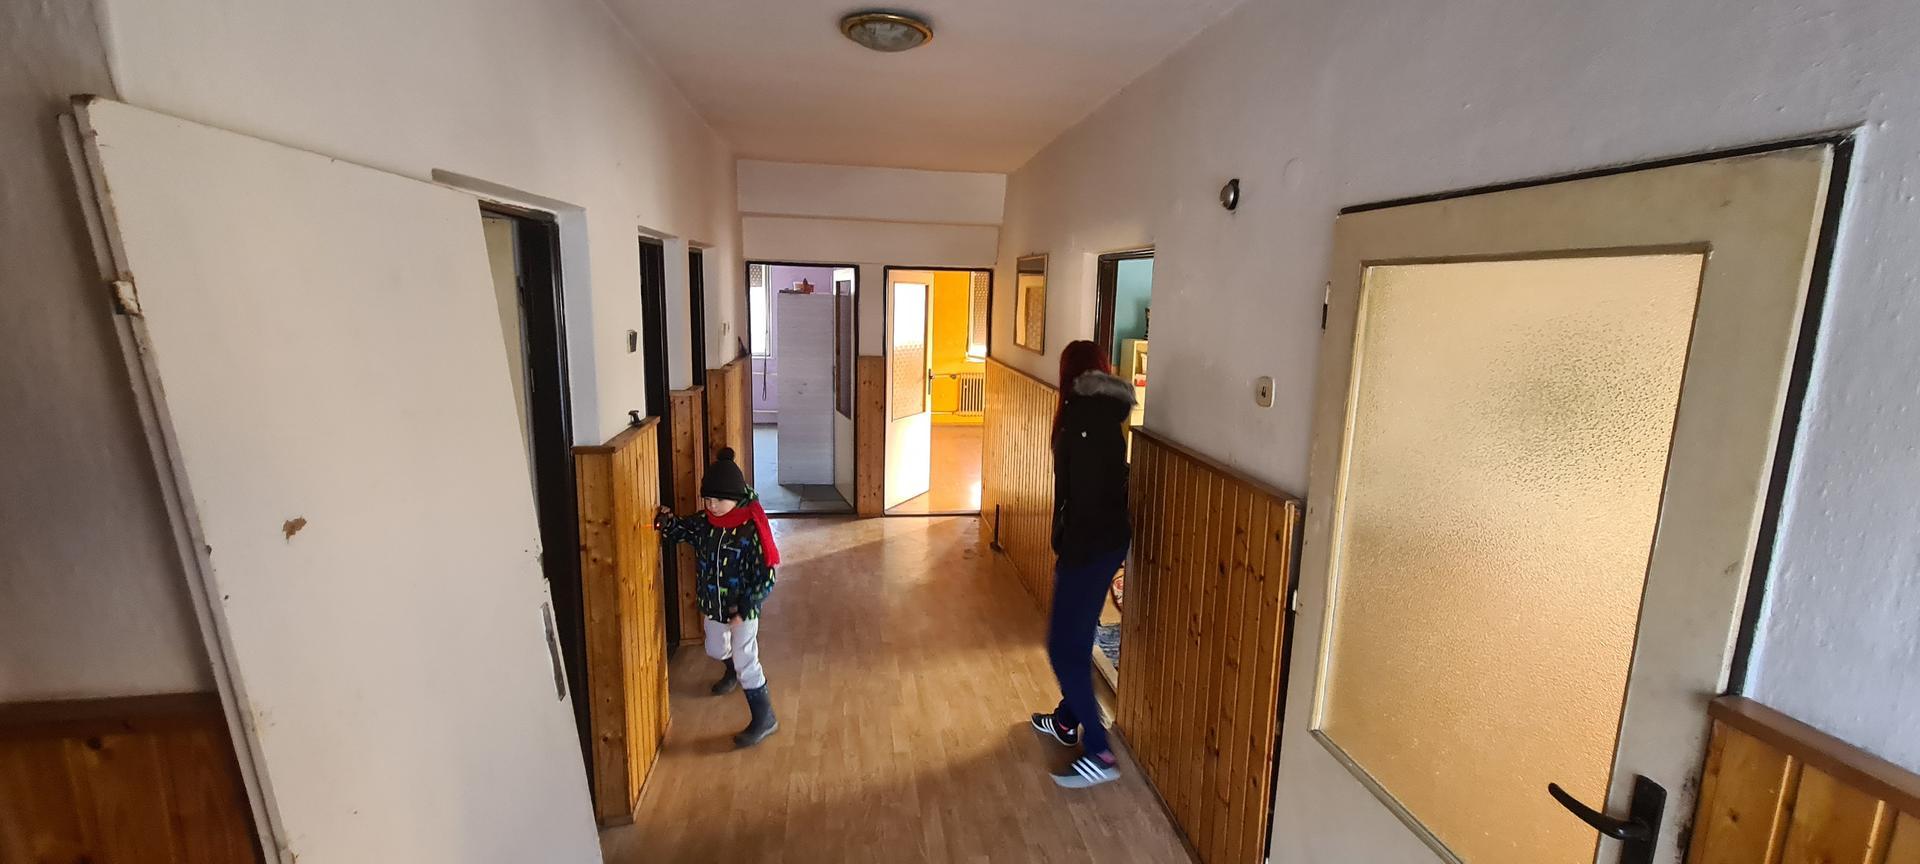 Rekonštrukcia Nášho domu - Obrázok č. 7